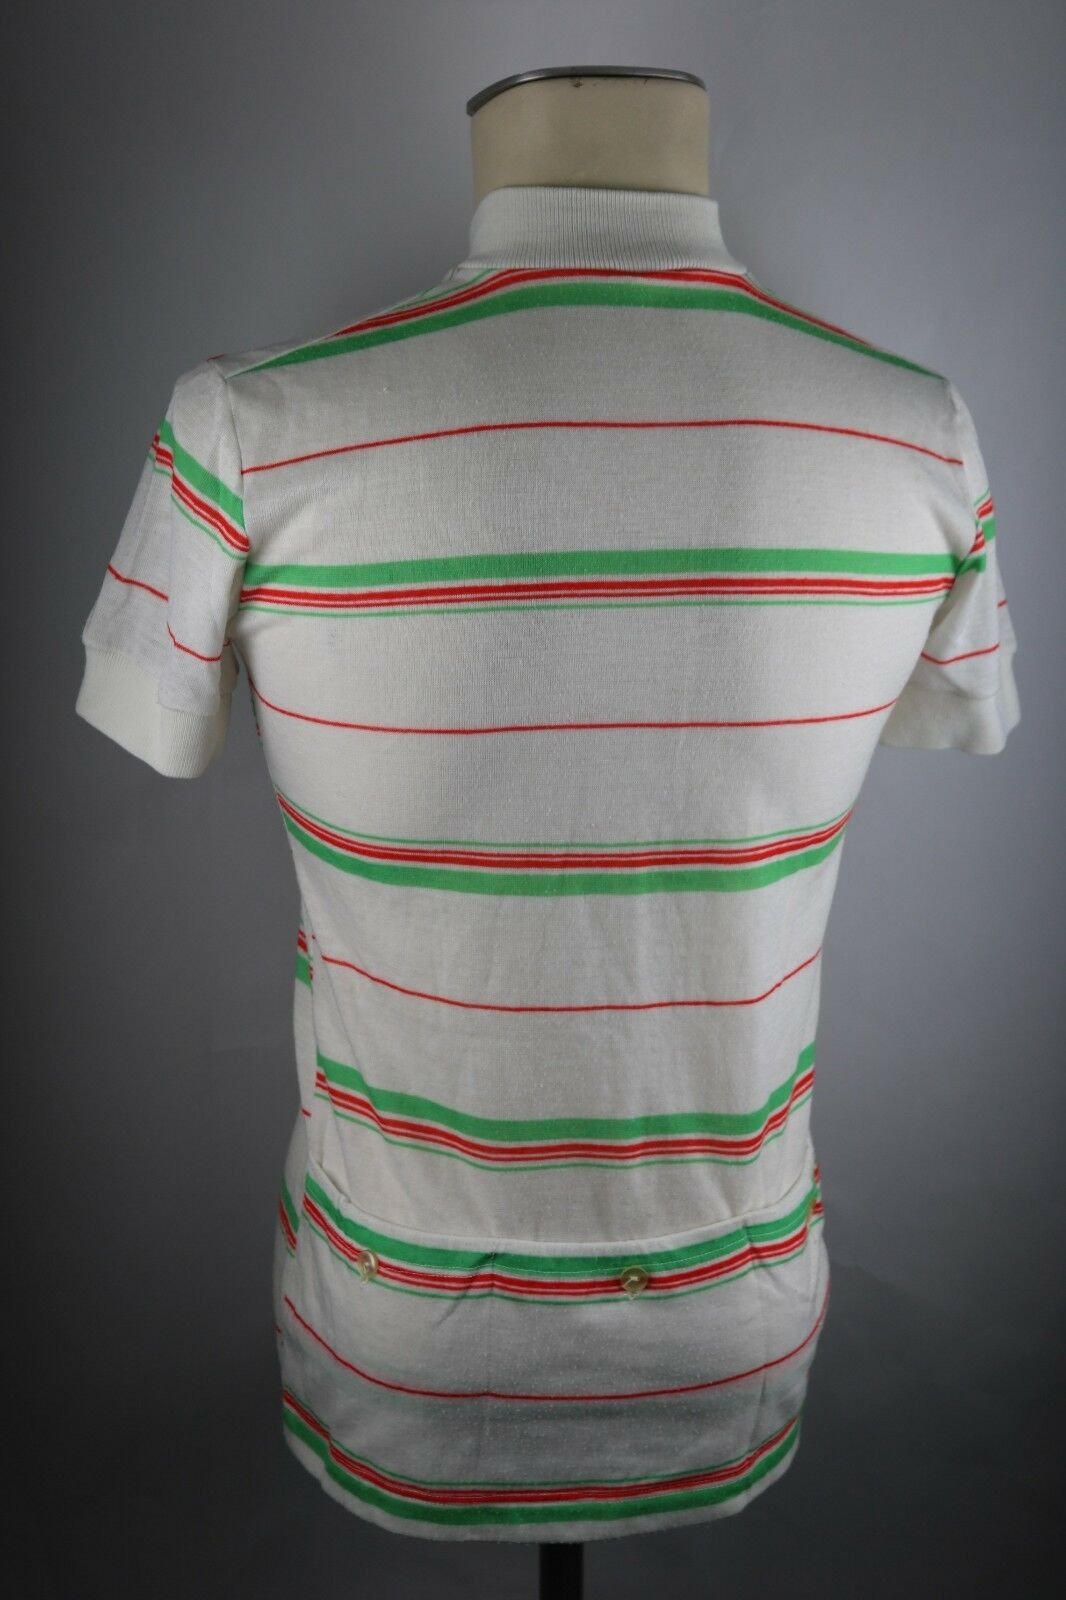 Le coq sportif Radtrikot 80er Gr. S 48cm LS cycling jersey LS 48cm Acrylic Shirt F6 068cea